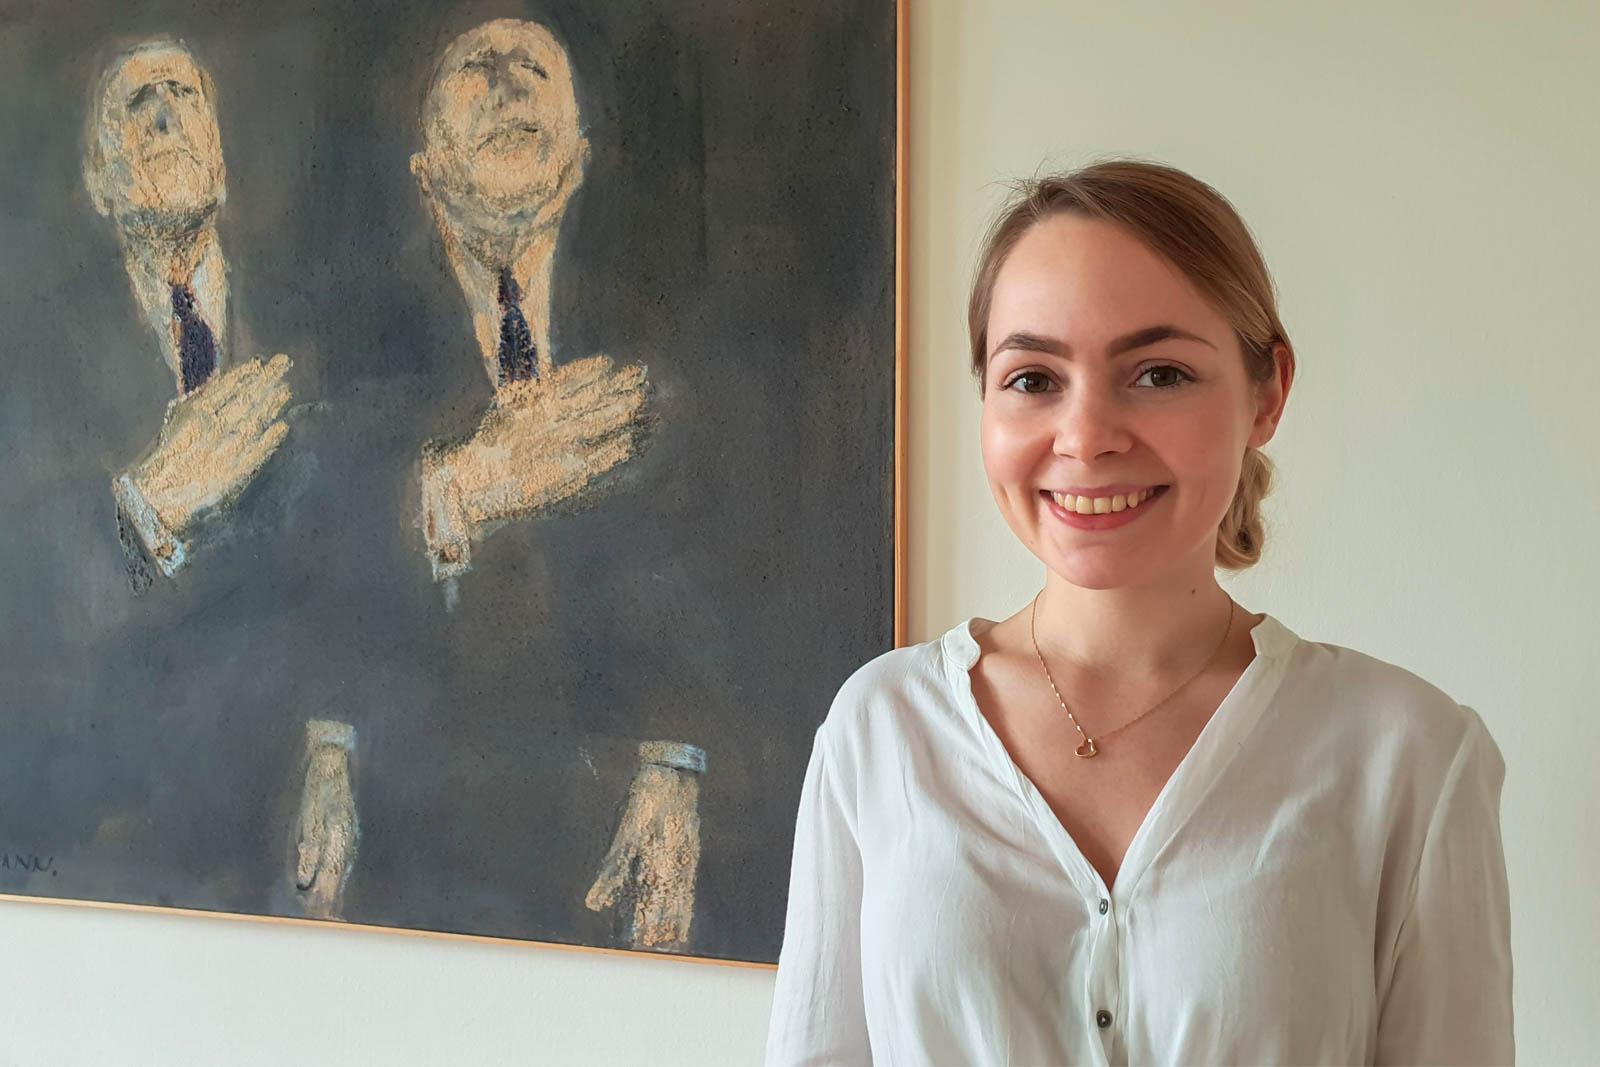 Portraitfoto von Andrea Christen, Assistenz Meier & Vogel Rechtsanwälte GmbH